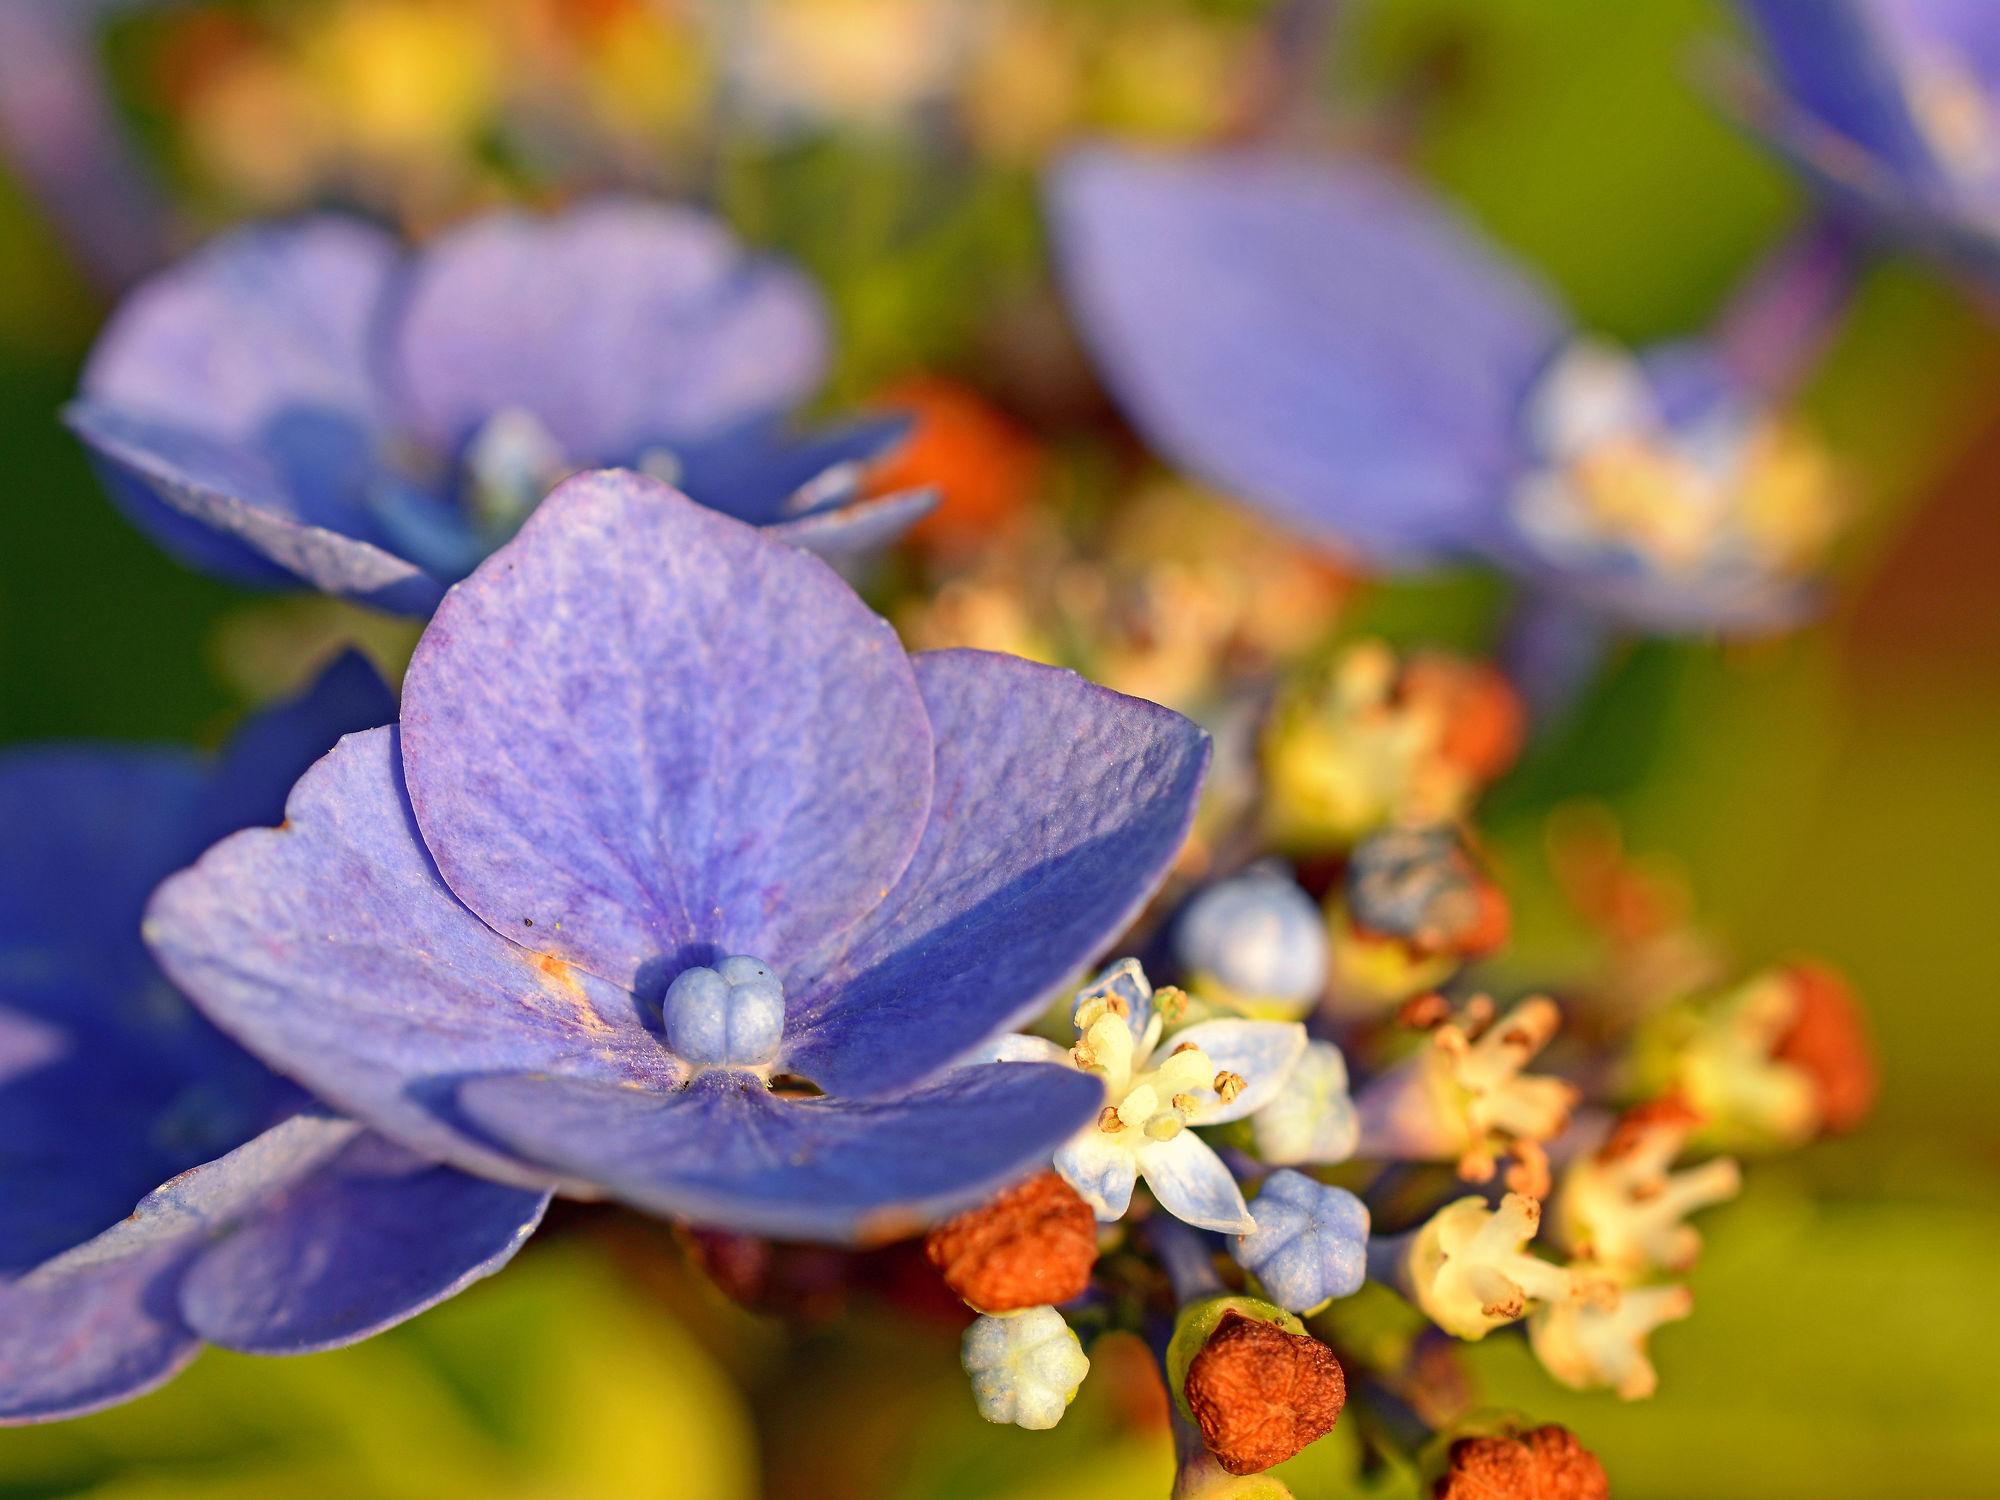 Bild mit Farben, Pflanzen, Blumen, Parks, Lila, Herbst, Blau, Sommer, Blüten, garten, Abendsonne, Hortensie, Knospen, Hortensienblüte